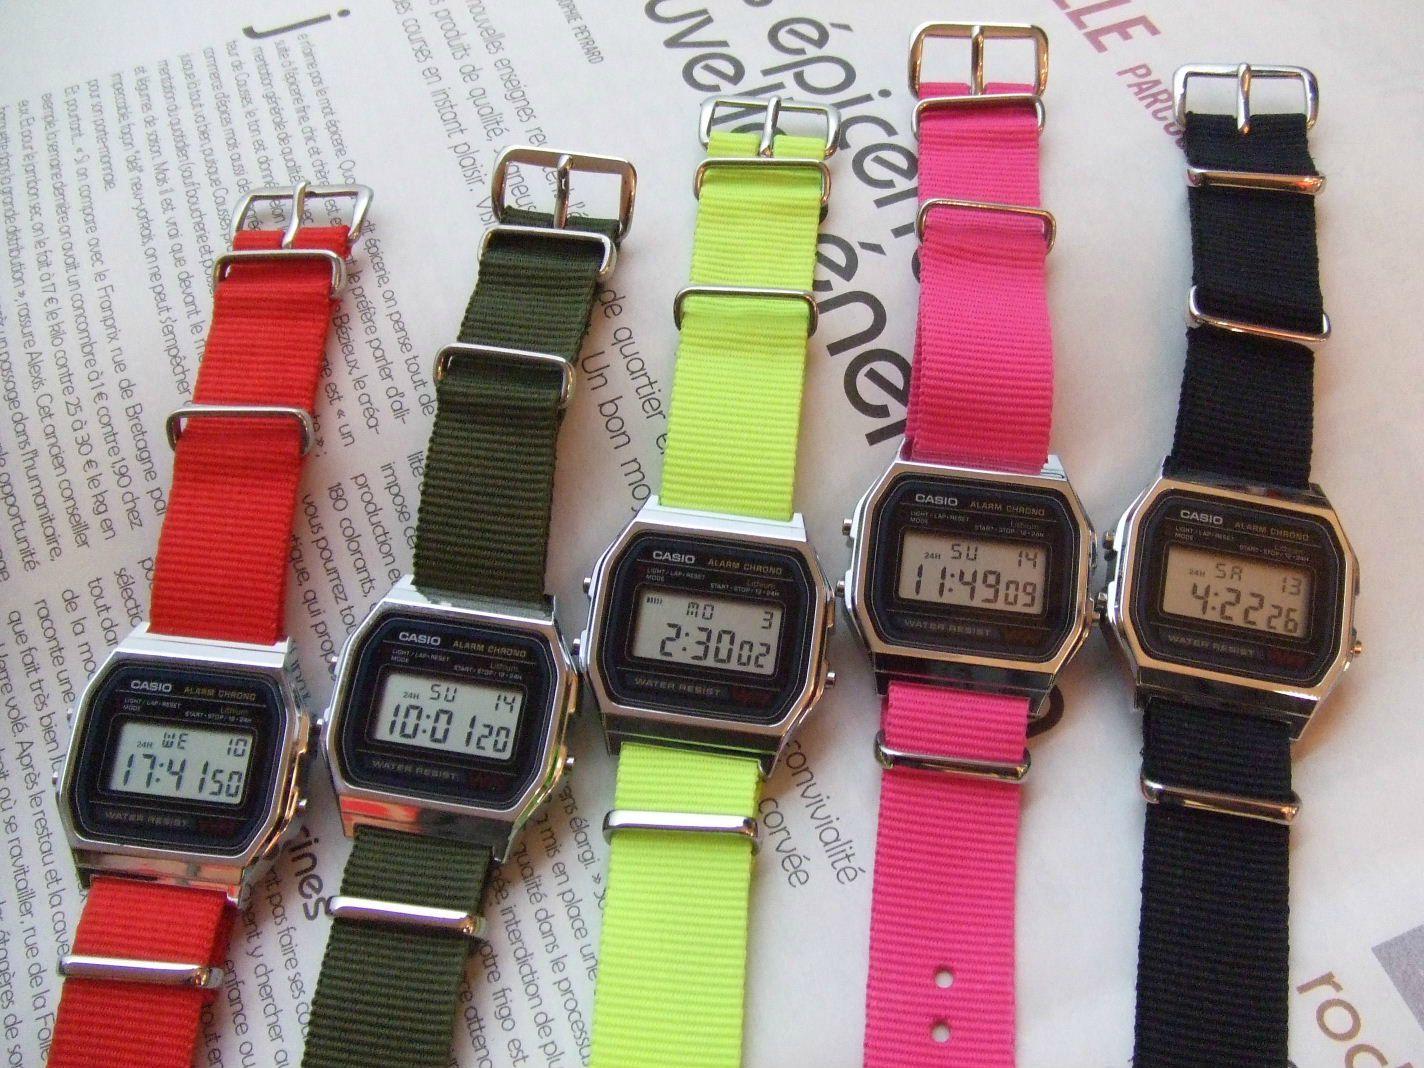 bracelet de montre casio noir